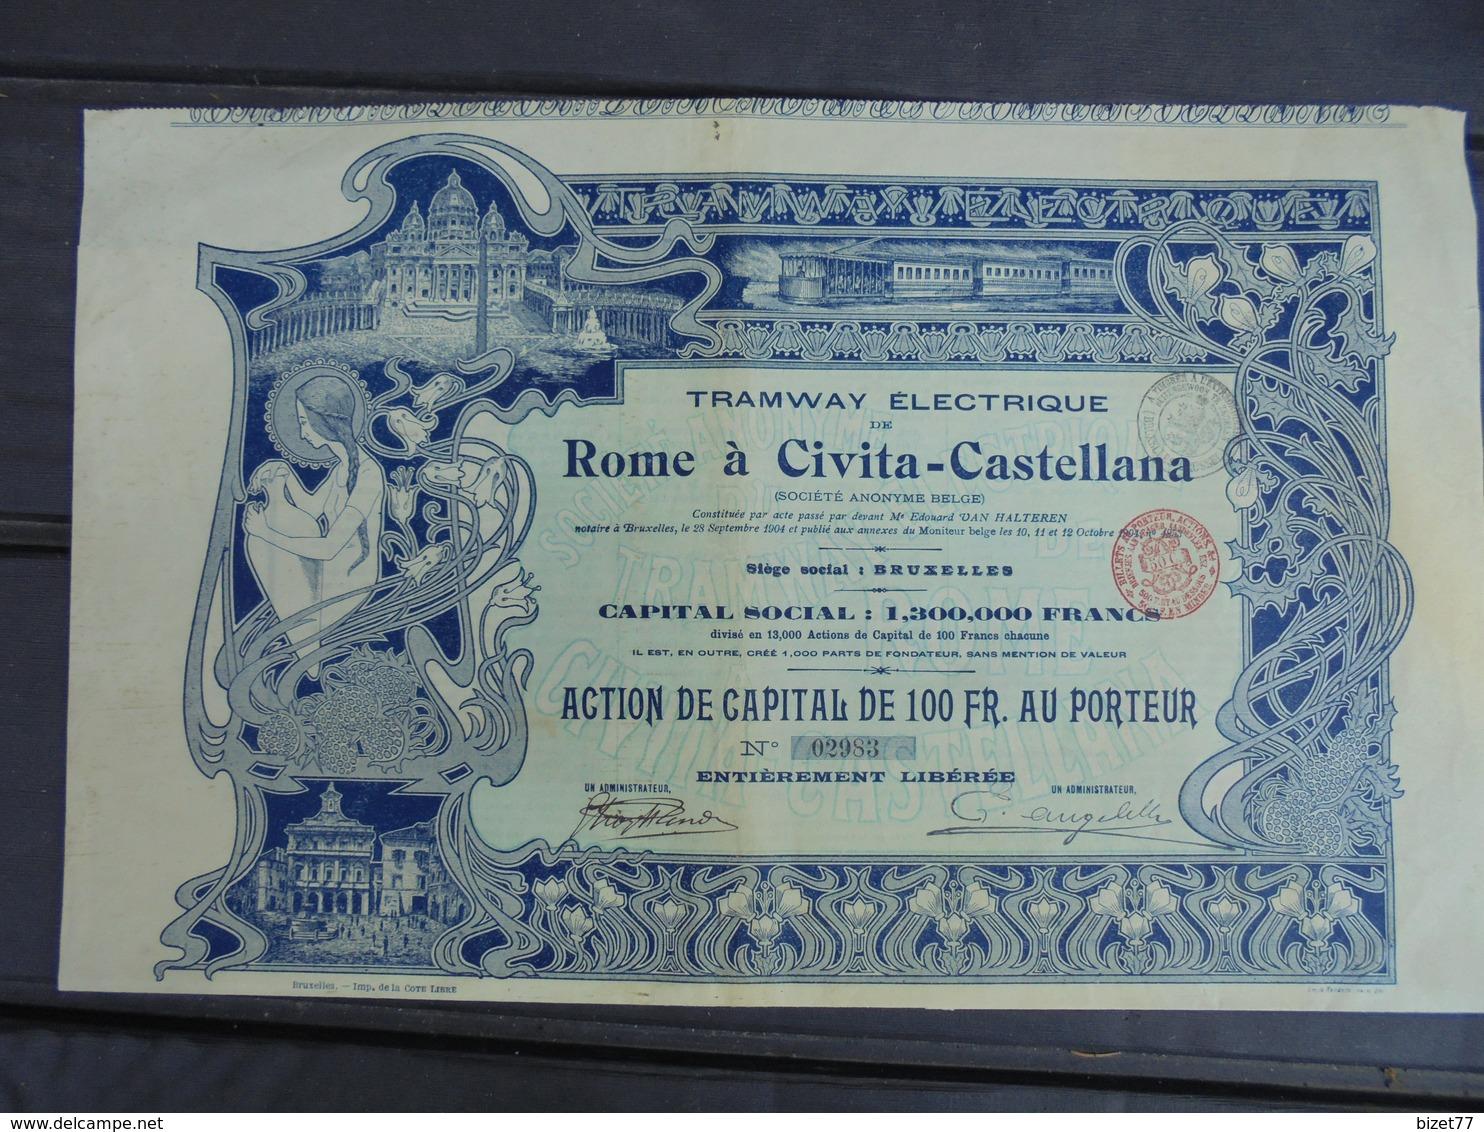 ART NOUVEAU - ITALIE , 1904 - TRAMWAY ELECTRIQUE DE ROME A CIVITA - CATELLANA- ACTION 100 FRS - BELLE ILLUSTRATION - Shareholdings